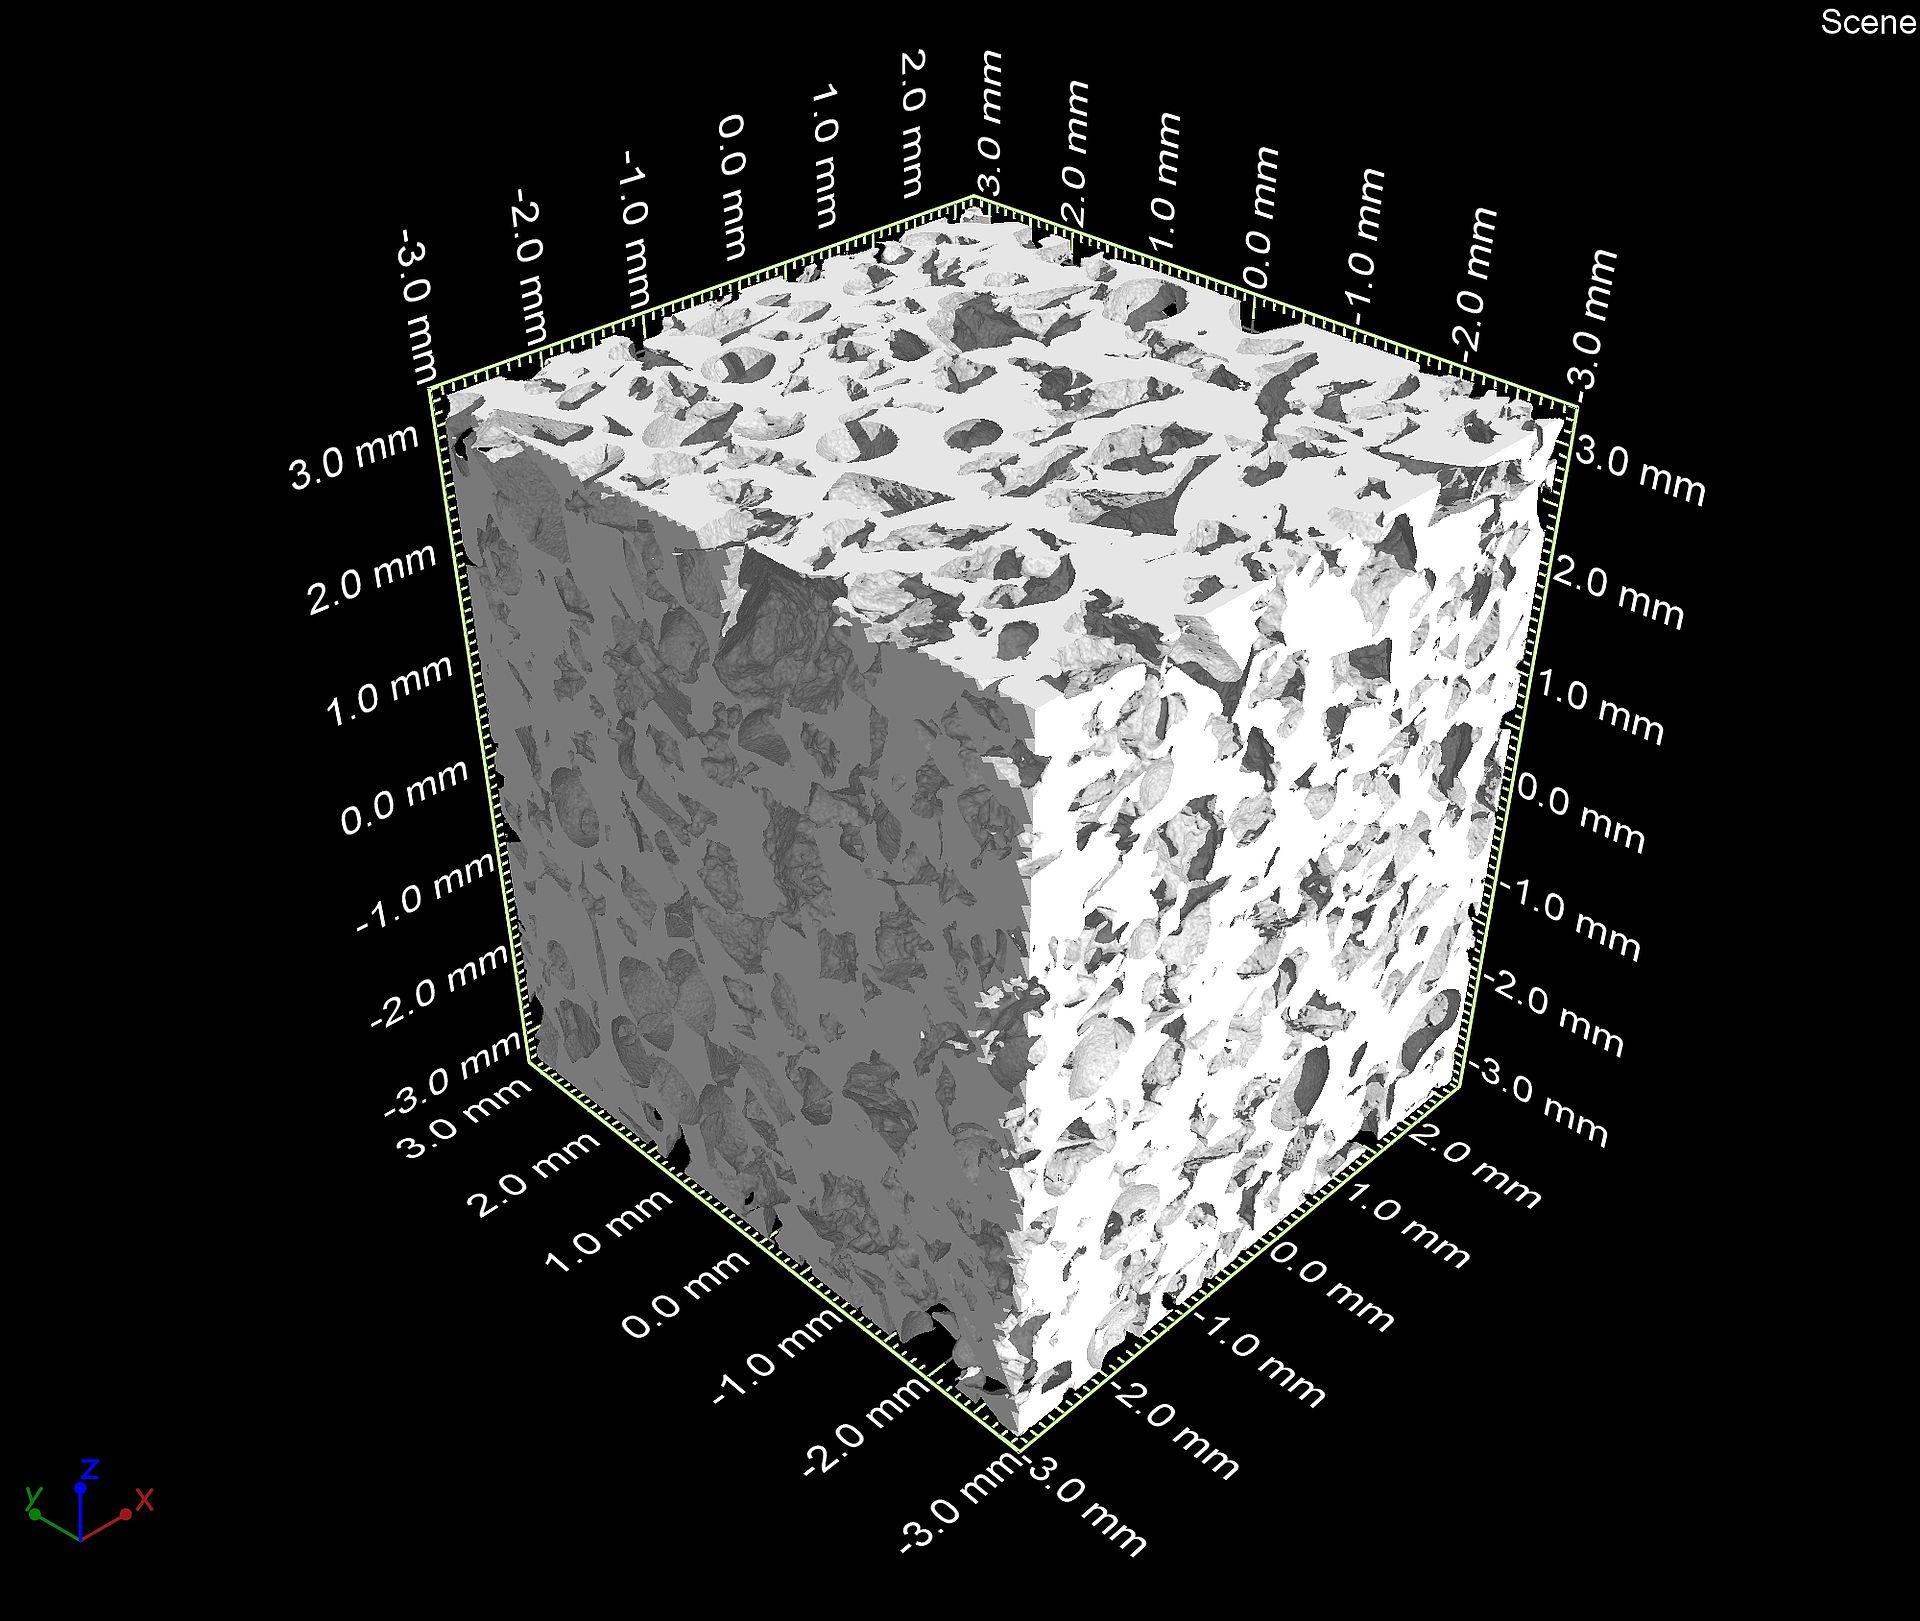 Dreidimensionale Darstellung von porösem Aluminium mit Hilfe des Computertomographen: Oberfläche der Probe